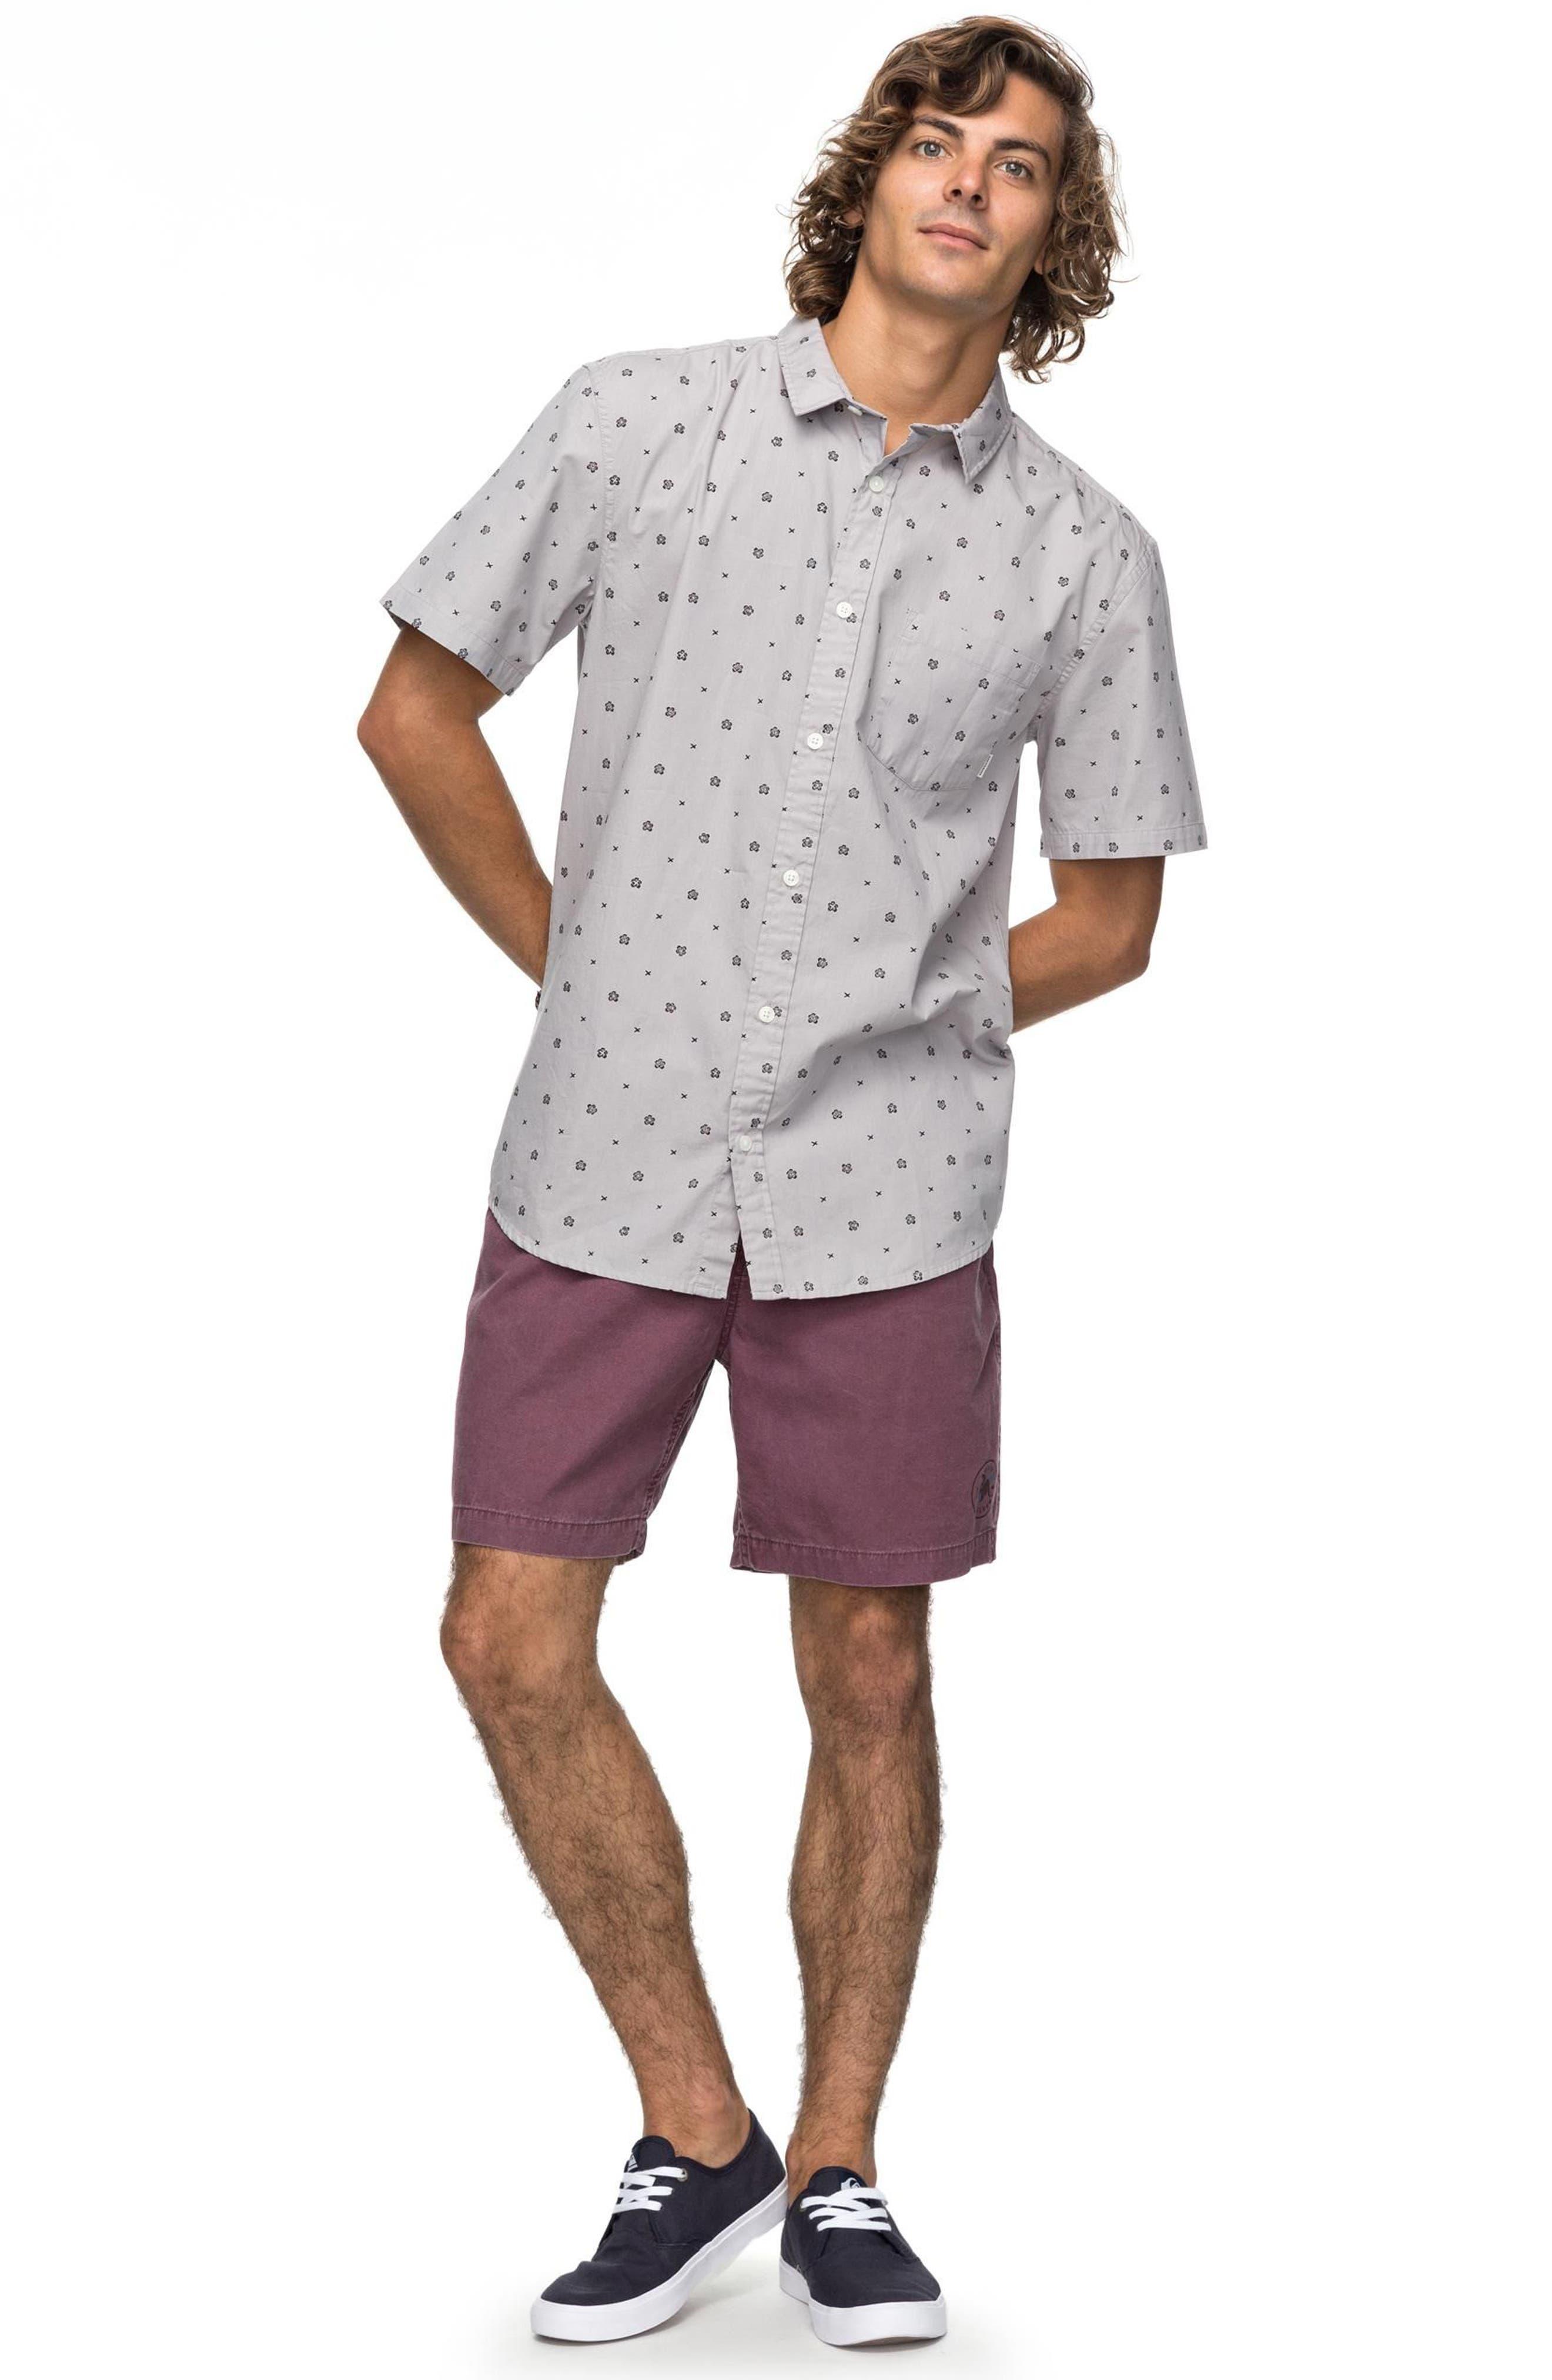 Kamanoa Short Sleeve Shirt,                             Alternate thumbnail 3, color,                             034